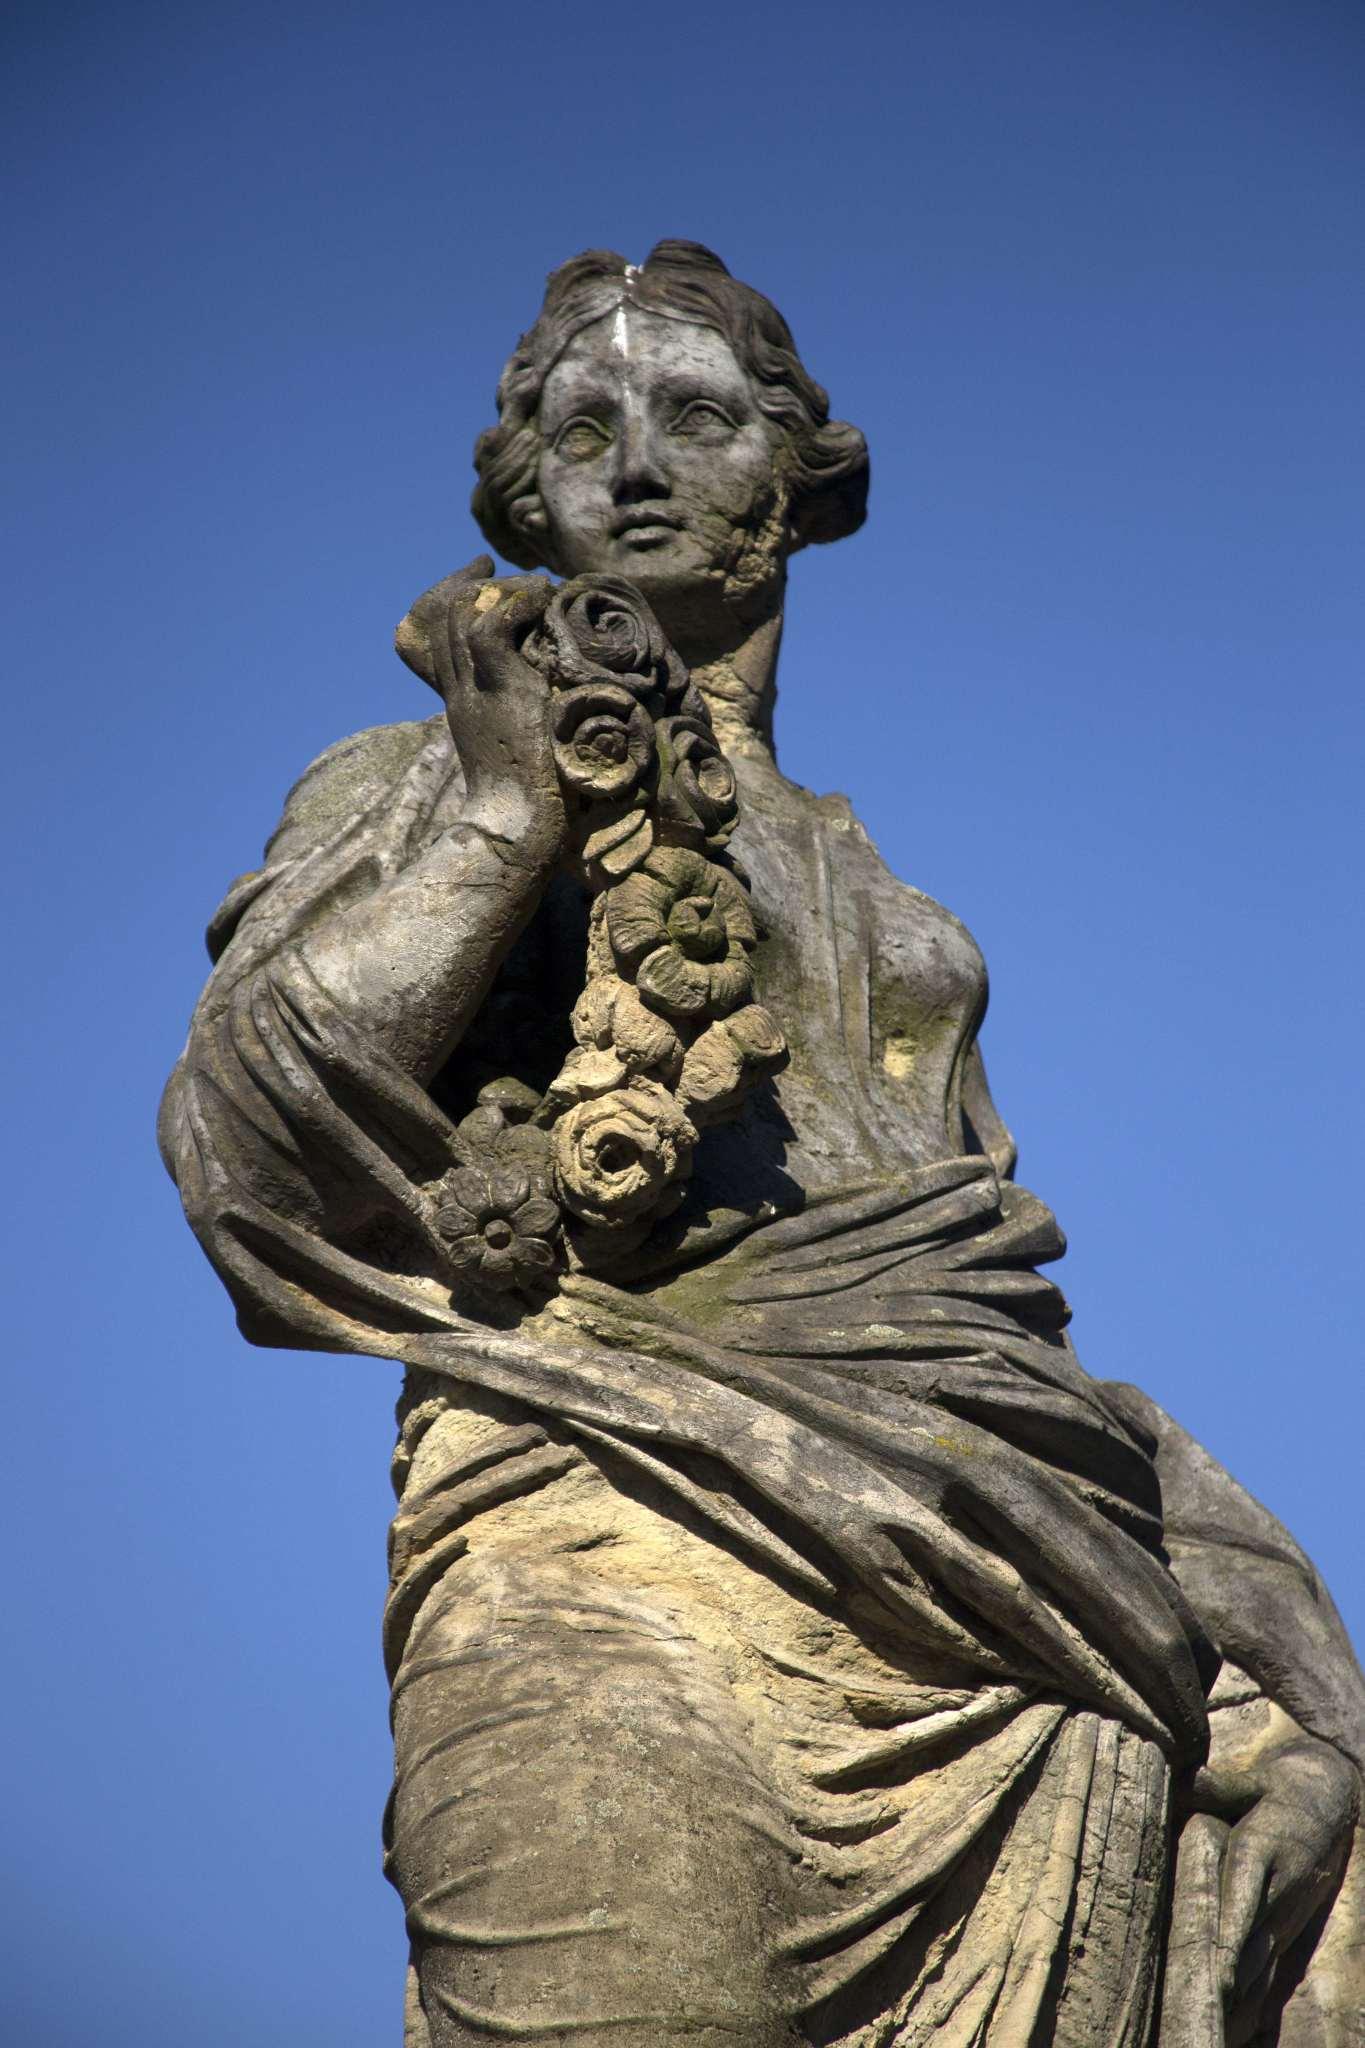 Charlottenburg Palace statue